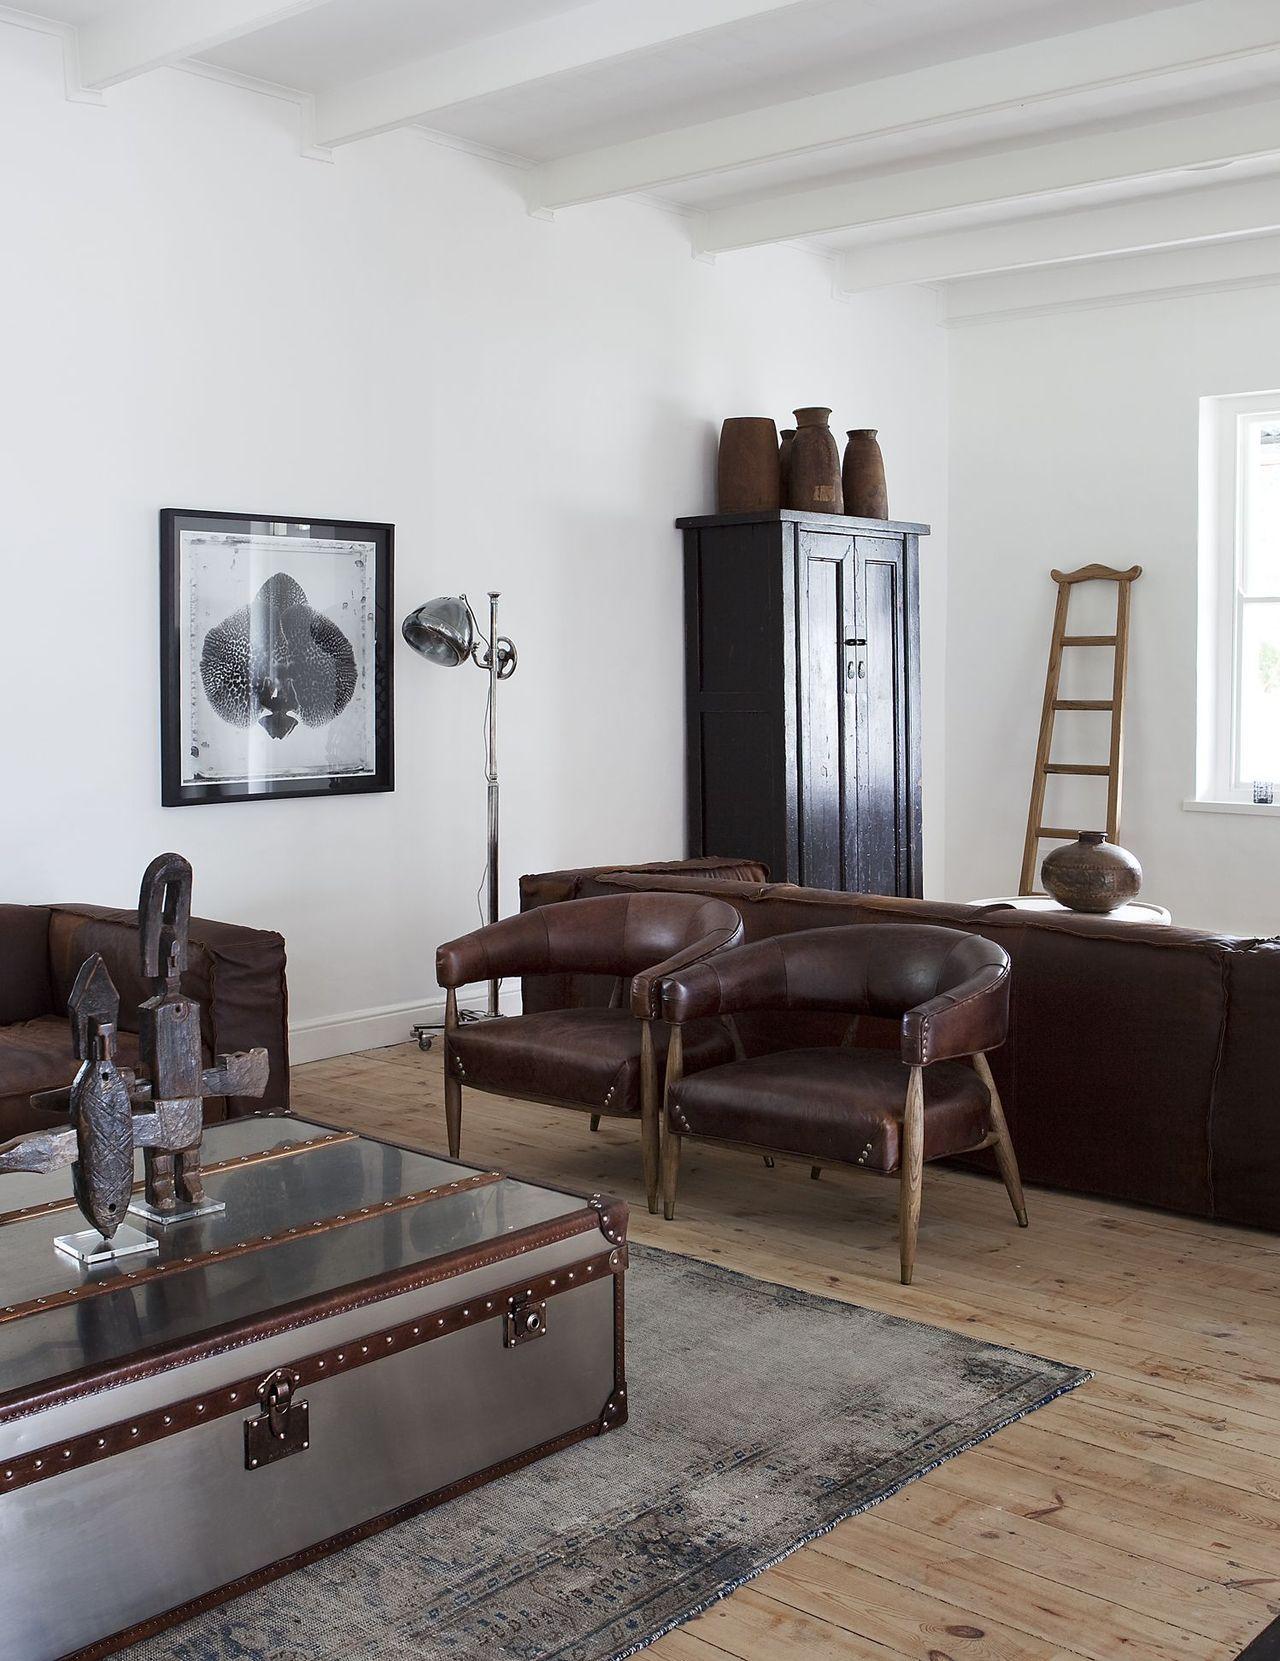 Wunderbar Leather U0026 Wood · WohnzimmerLebenEinrichtungWohnzimmerentwürfeWohnräumeKleiner  ...